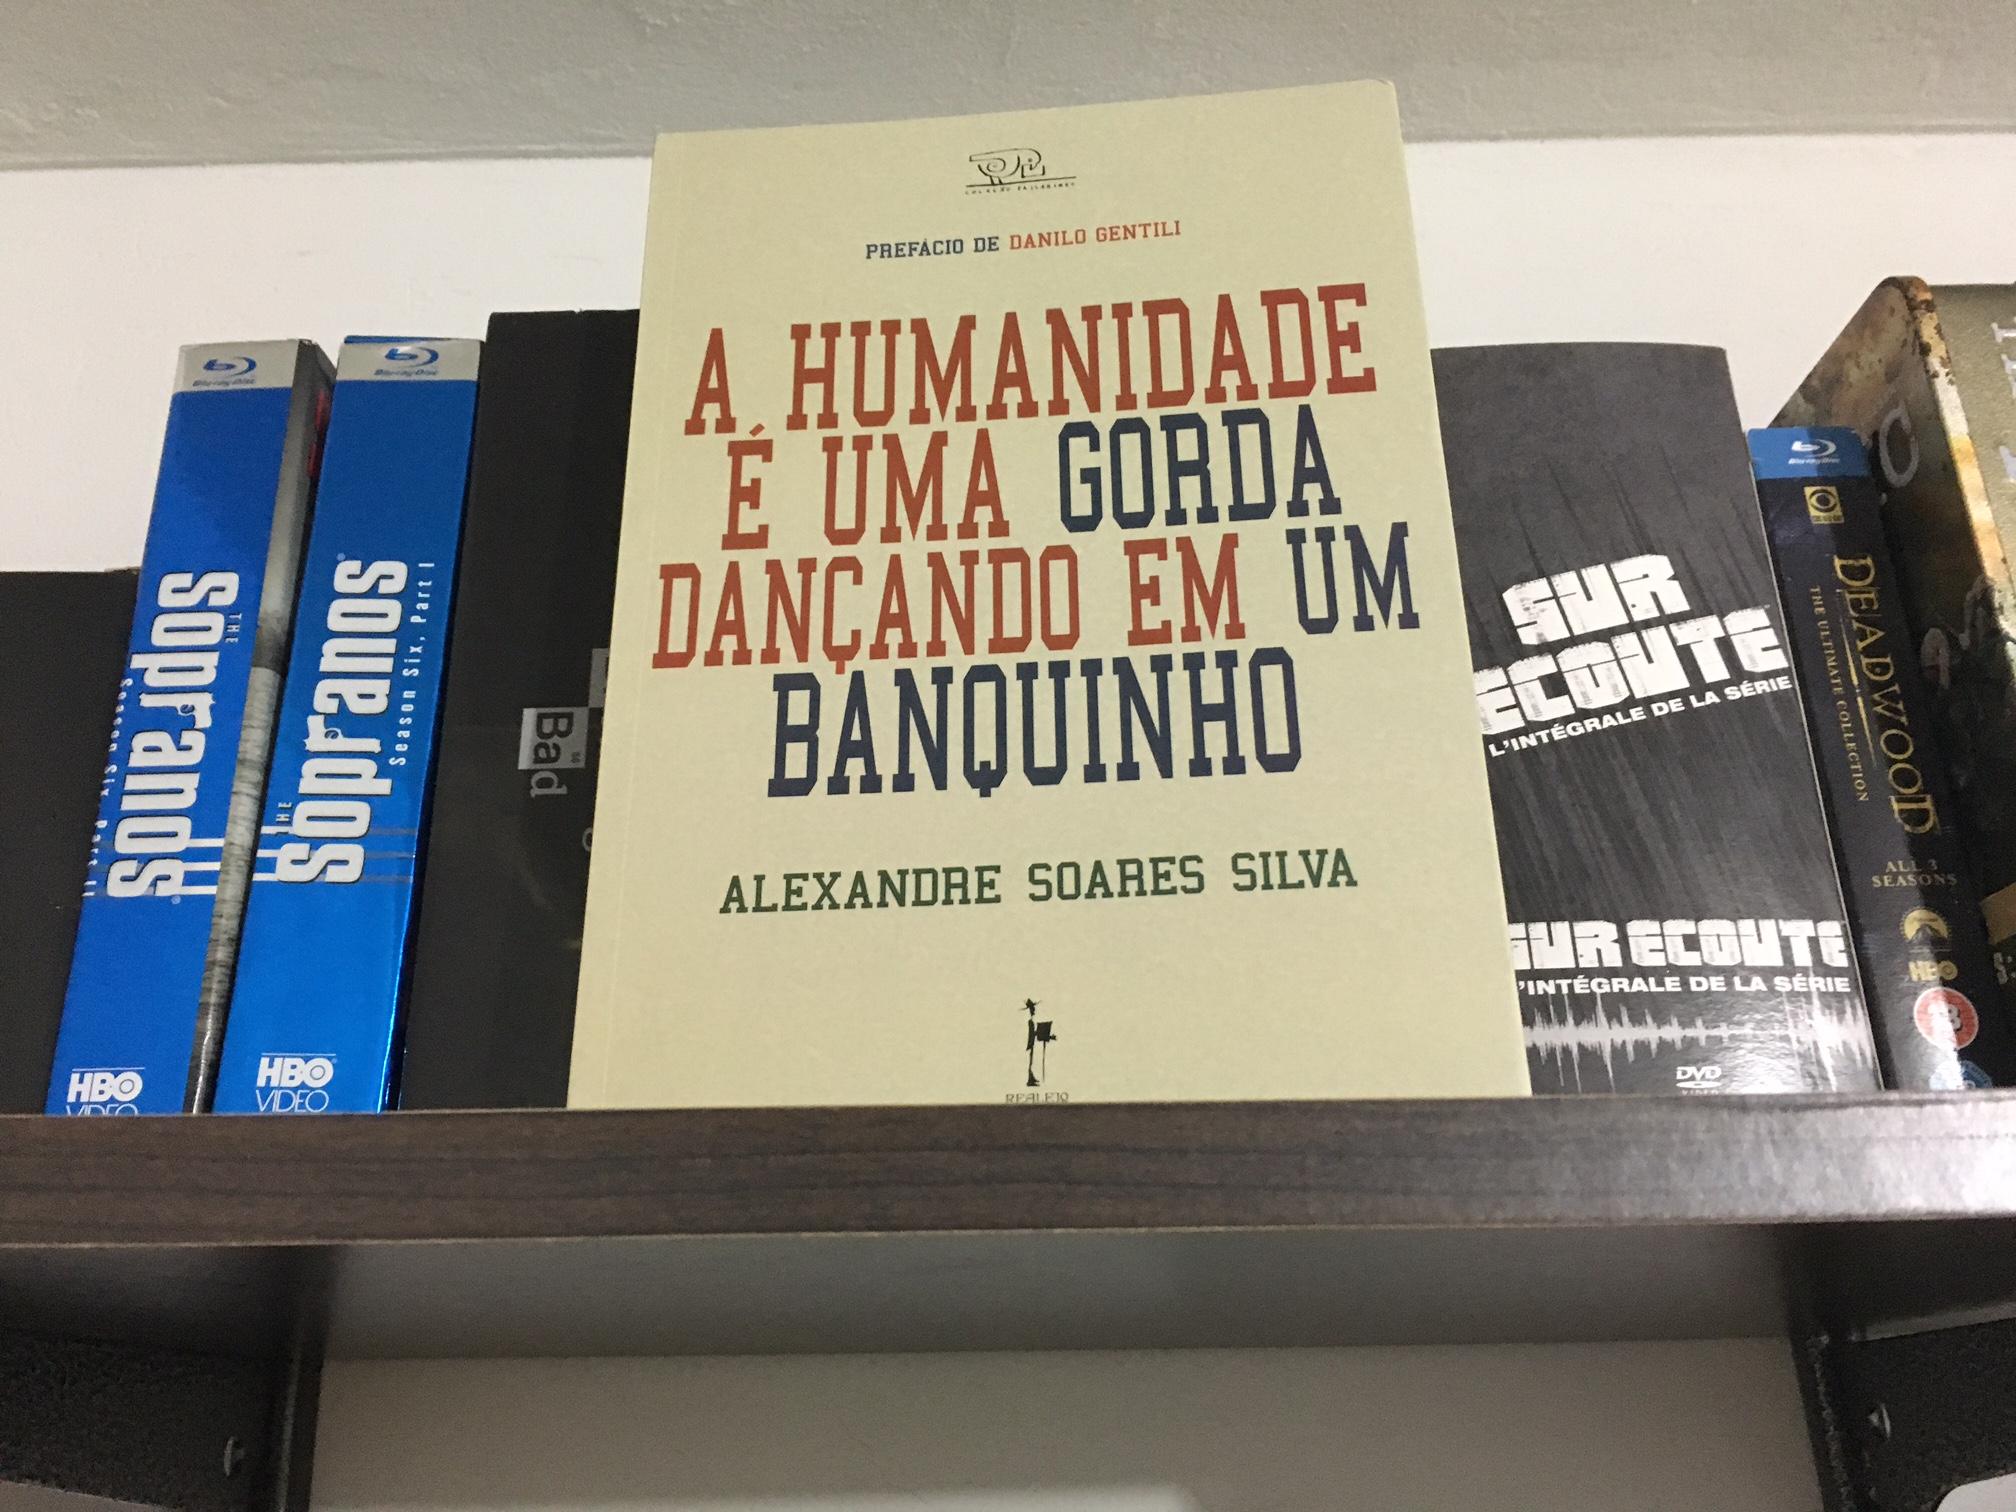 alexandre_soares_silva_a_humanidade_e_uma-gorda_dancando_em_um_banquinho